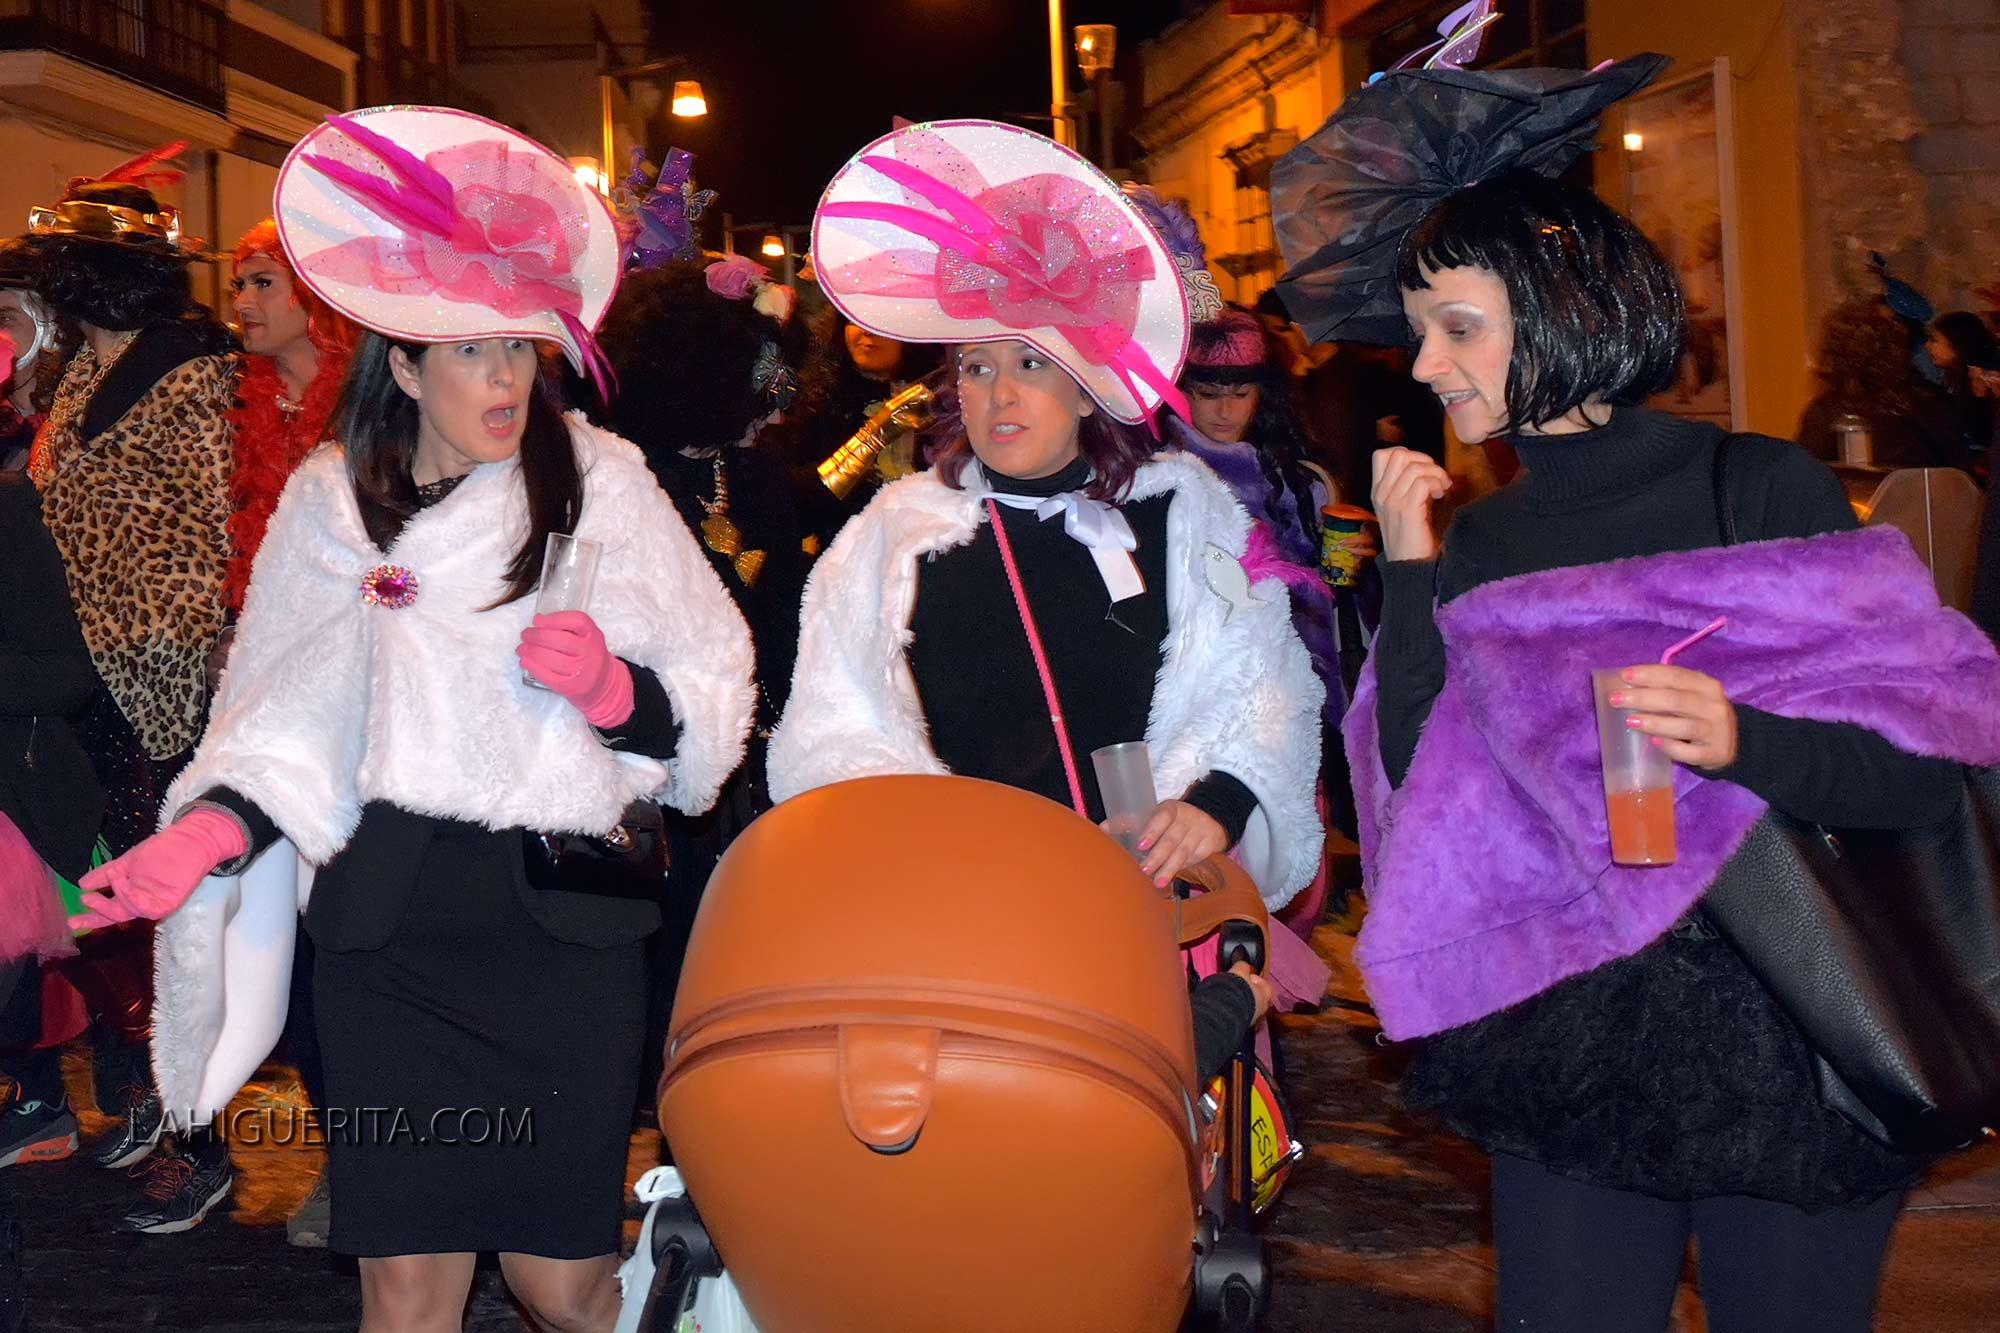 Entierro de la sardina carnaval isla cristina _DSC2096